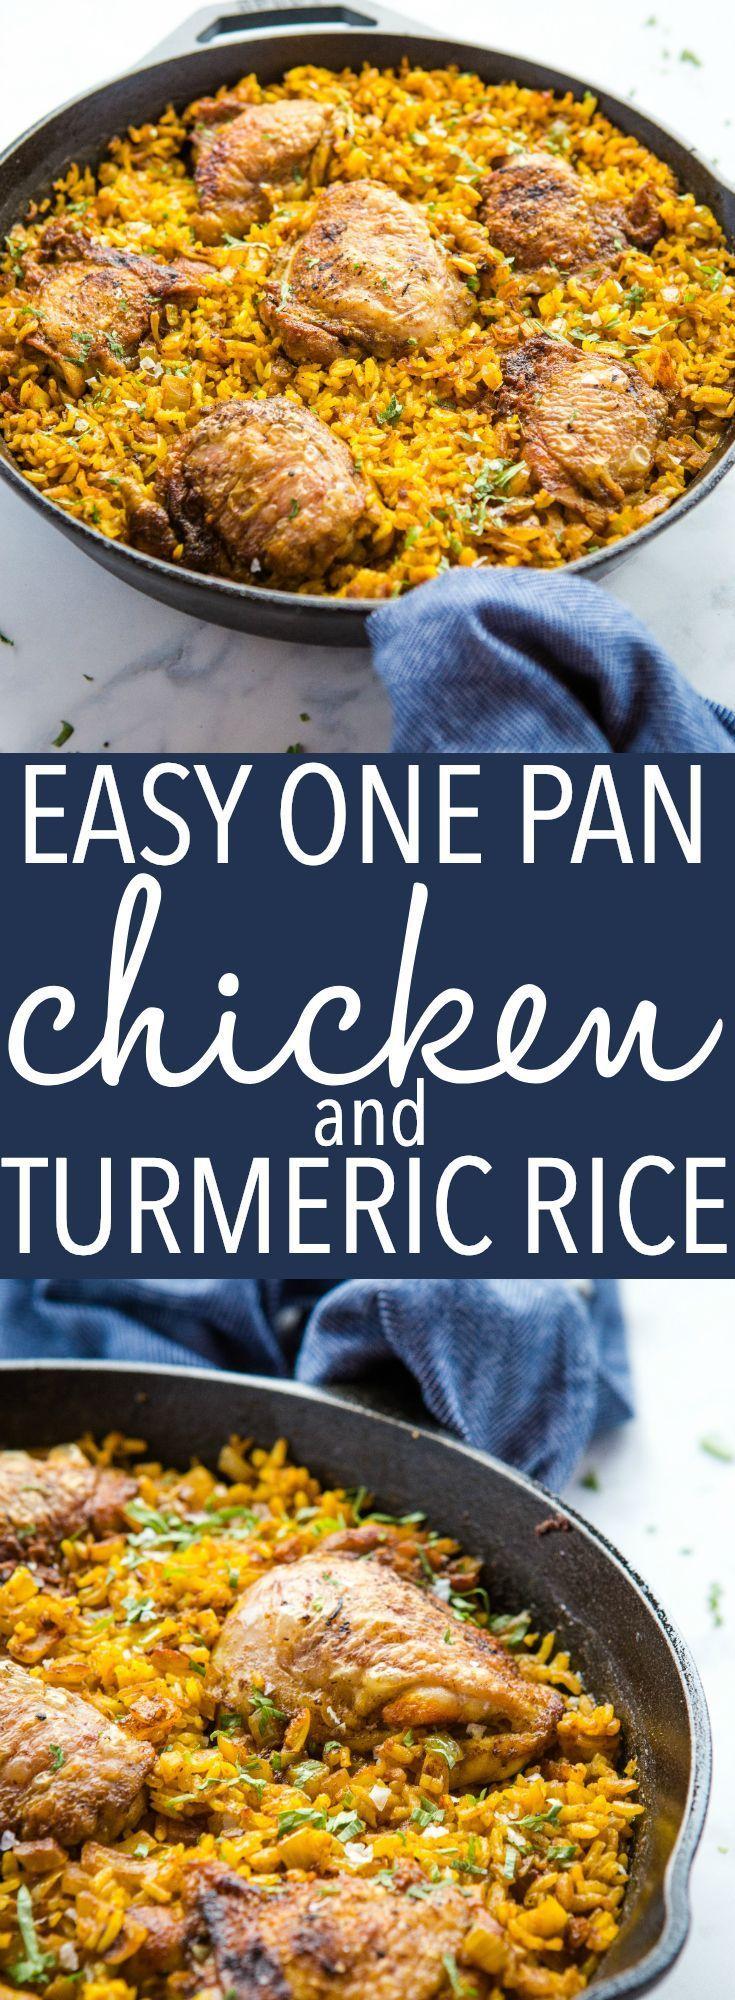 Easy One Pan Chicken mit Kurkuma-Reis #onepandinner #Chicken #Easy #KurkumaReis #mit #Pan Easy One Pan Chicken with Turmeric Rice        Dieses Easy One Pan Chicken mit Kurkuma-Reis ist das perfekte, superleichte Abendessen unter der Woche! Es ist familienfreundlich und in 30 Minuten auf dem Tisch! Rezept von thebusybaker.ca! #Reis #Kurkuma #gesund #onepandinners